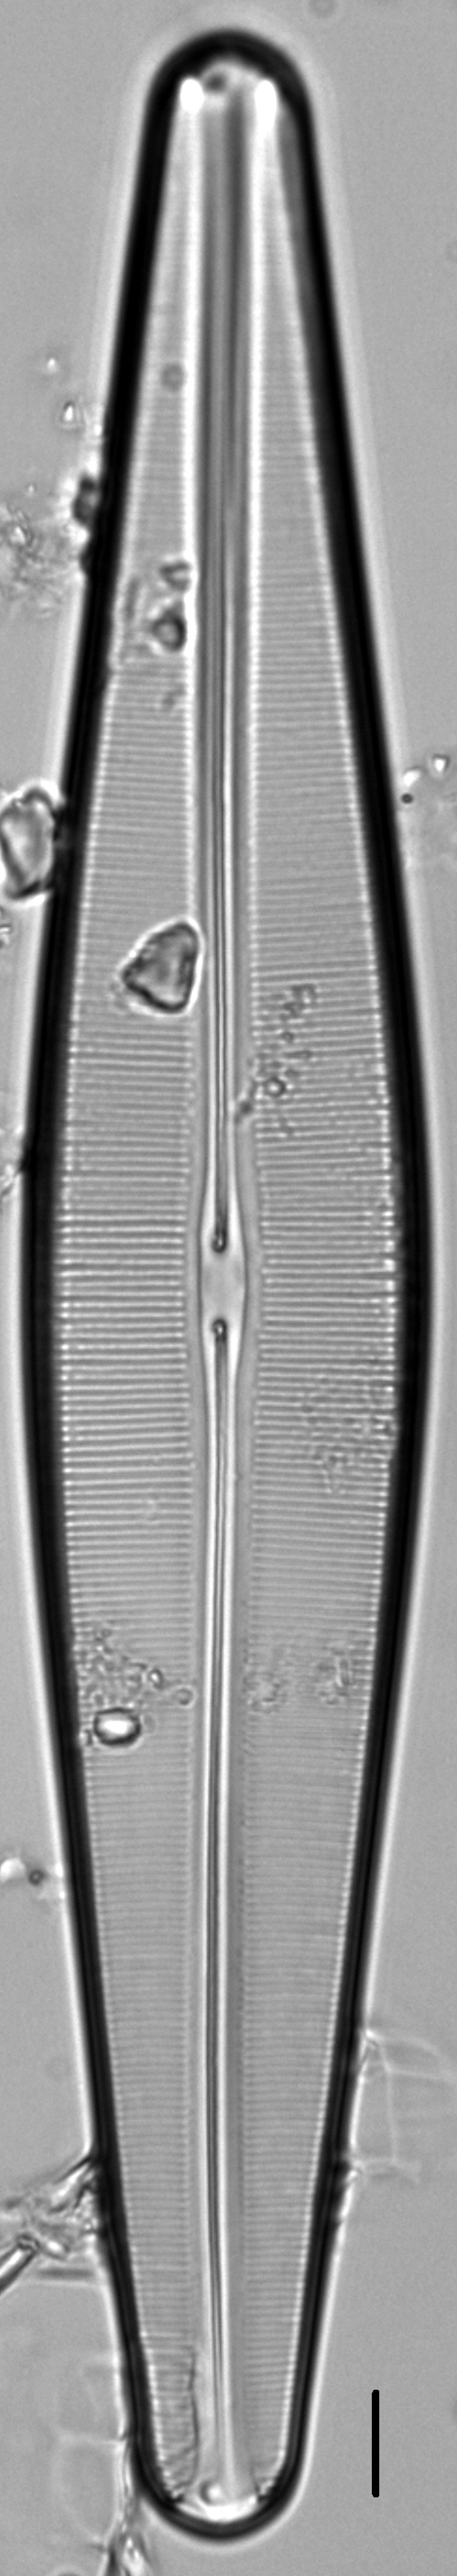 Craticula pampeana LM4